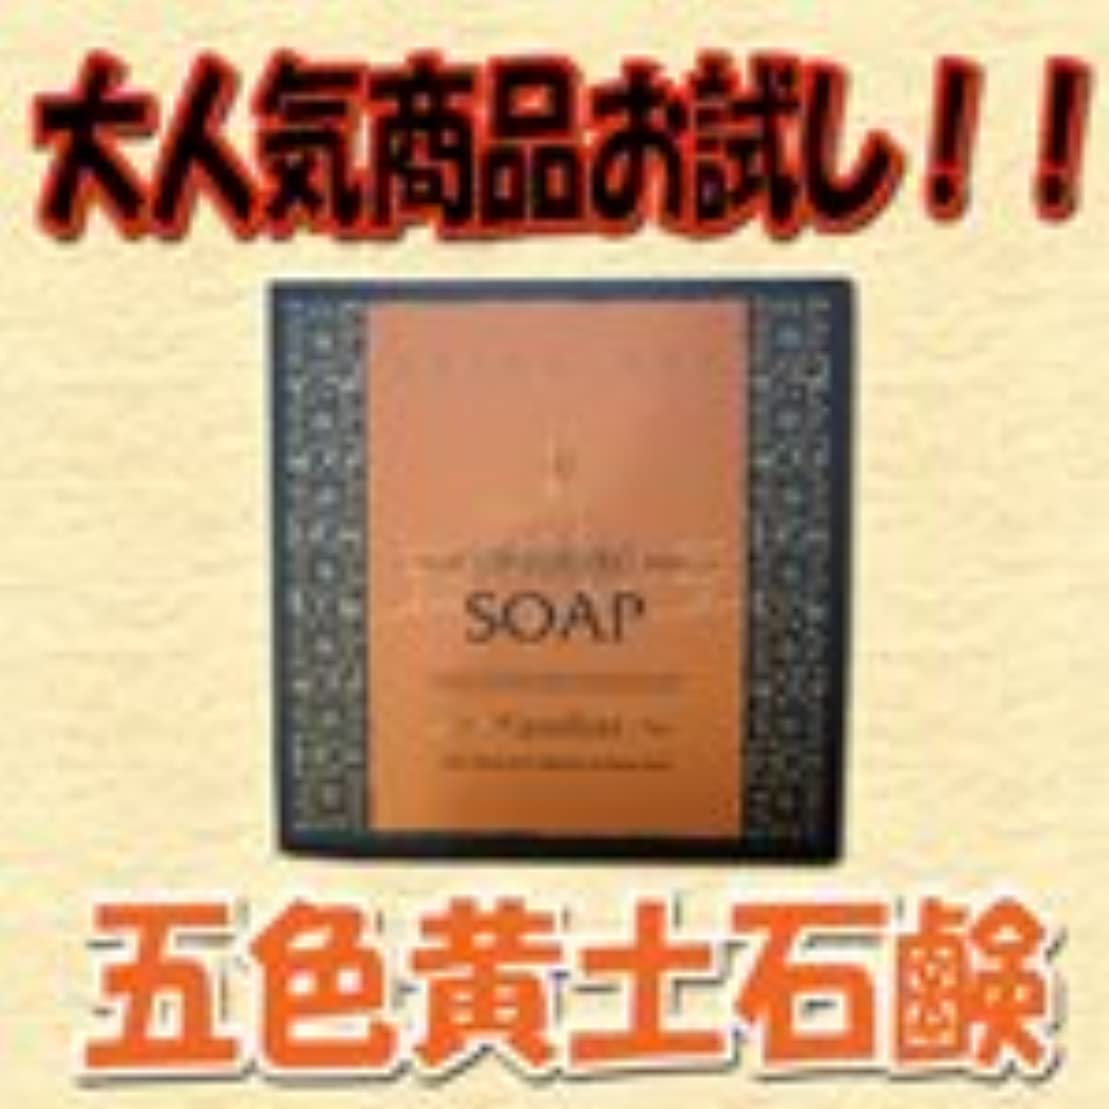 メディア松マイナー五色黄土石鹸 トライアルセット 20g 1個入り 【天然ミネラル】